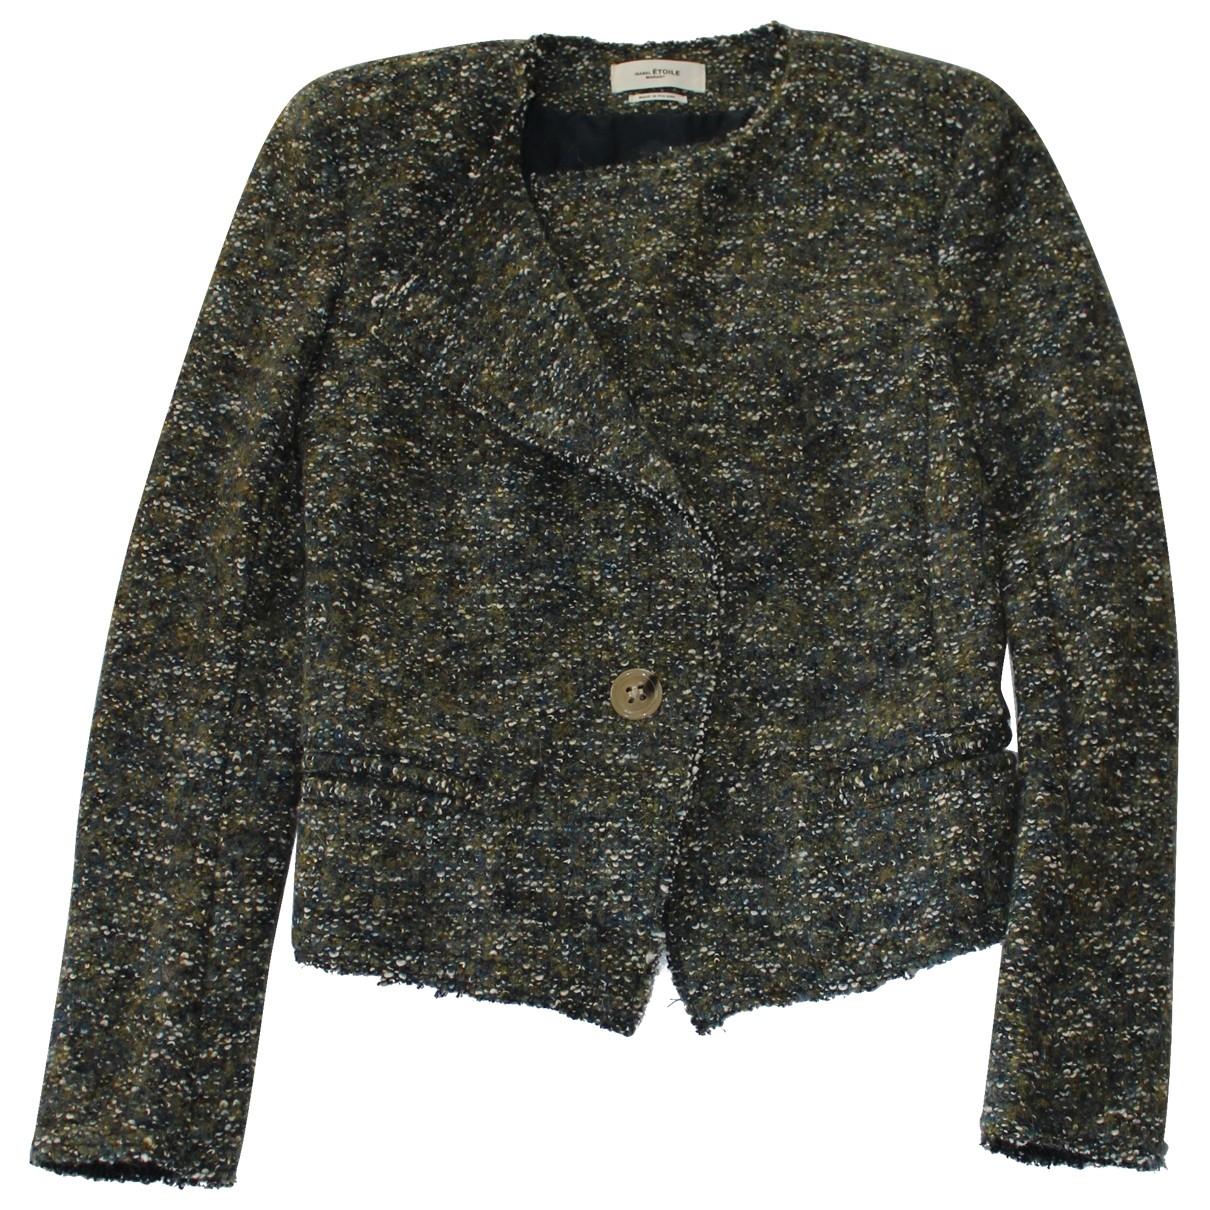 Isabel Marant Etoile \N Jacke in  Gruen Wolle